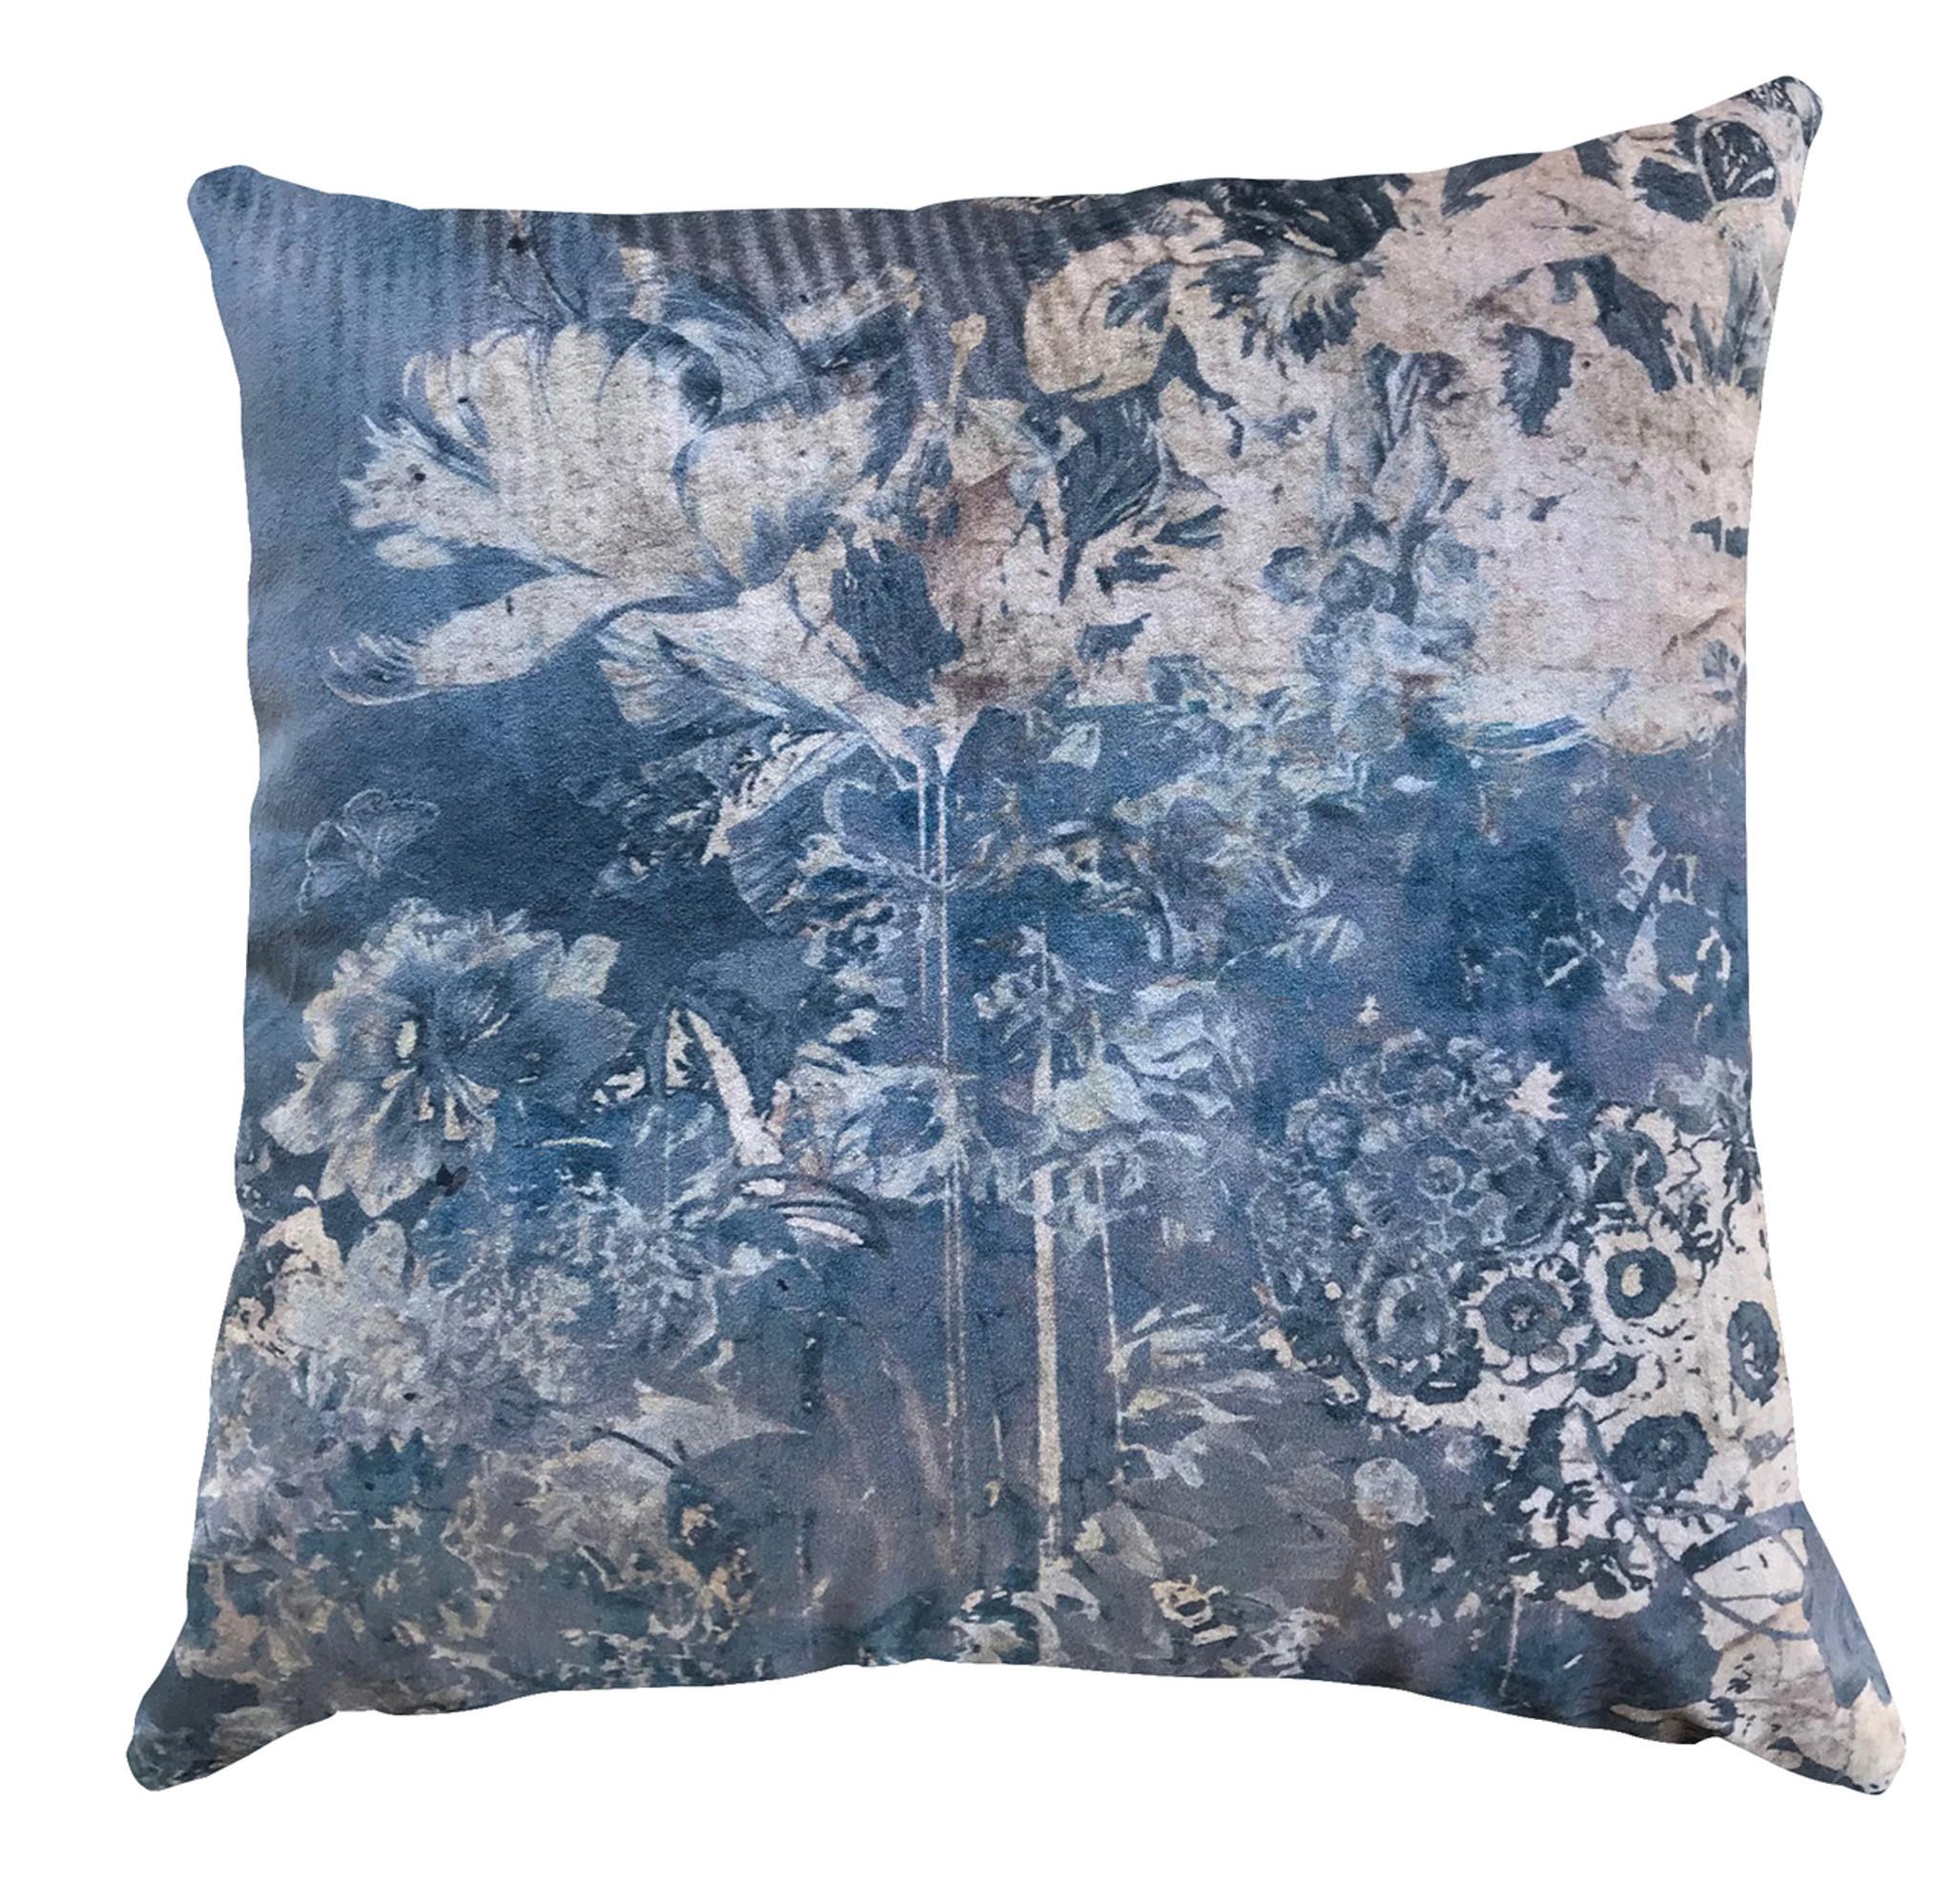 Cushion Cover - Beneath a Dark Sky